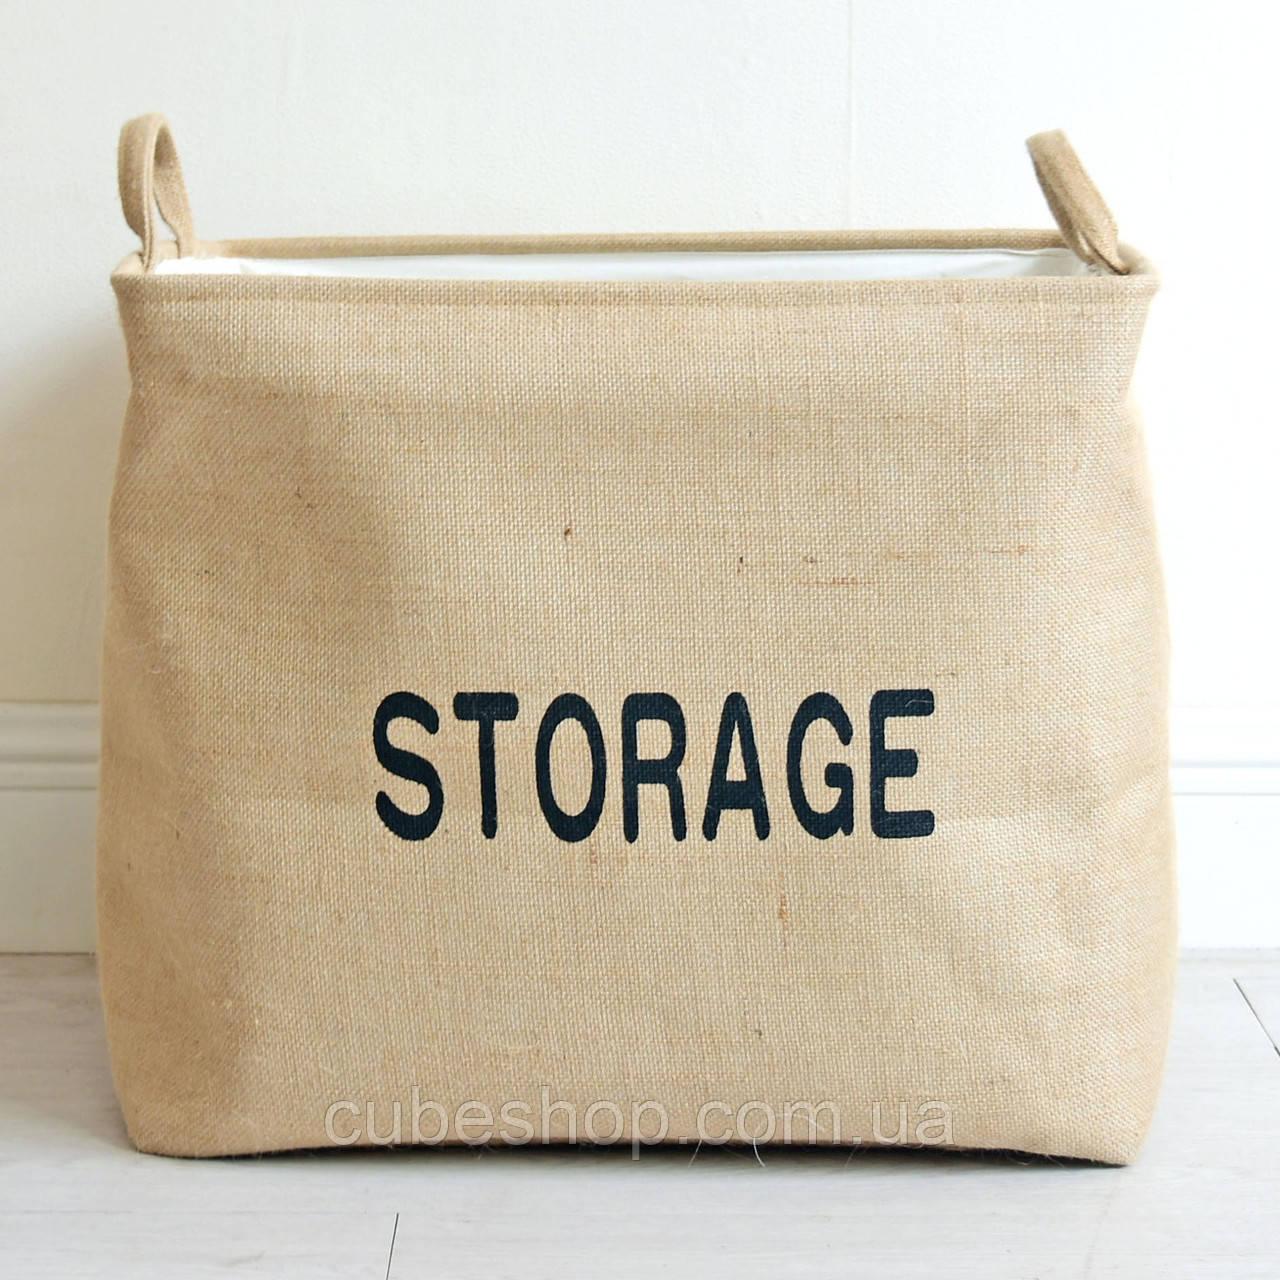 Корзина для вещей и игрушек Storage (бежевая)